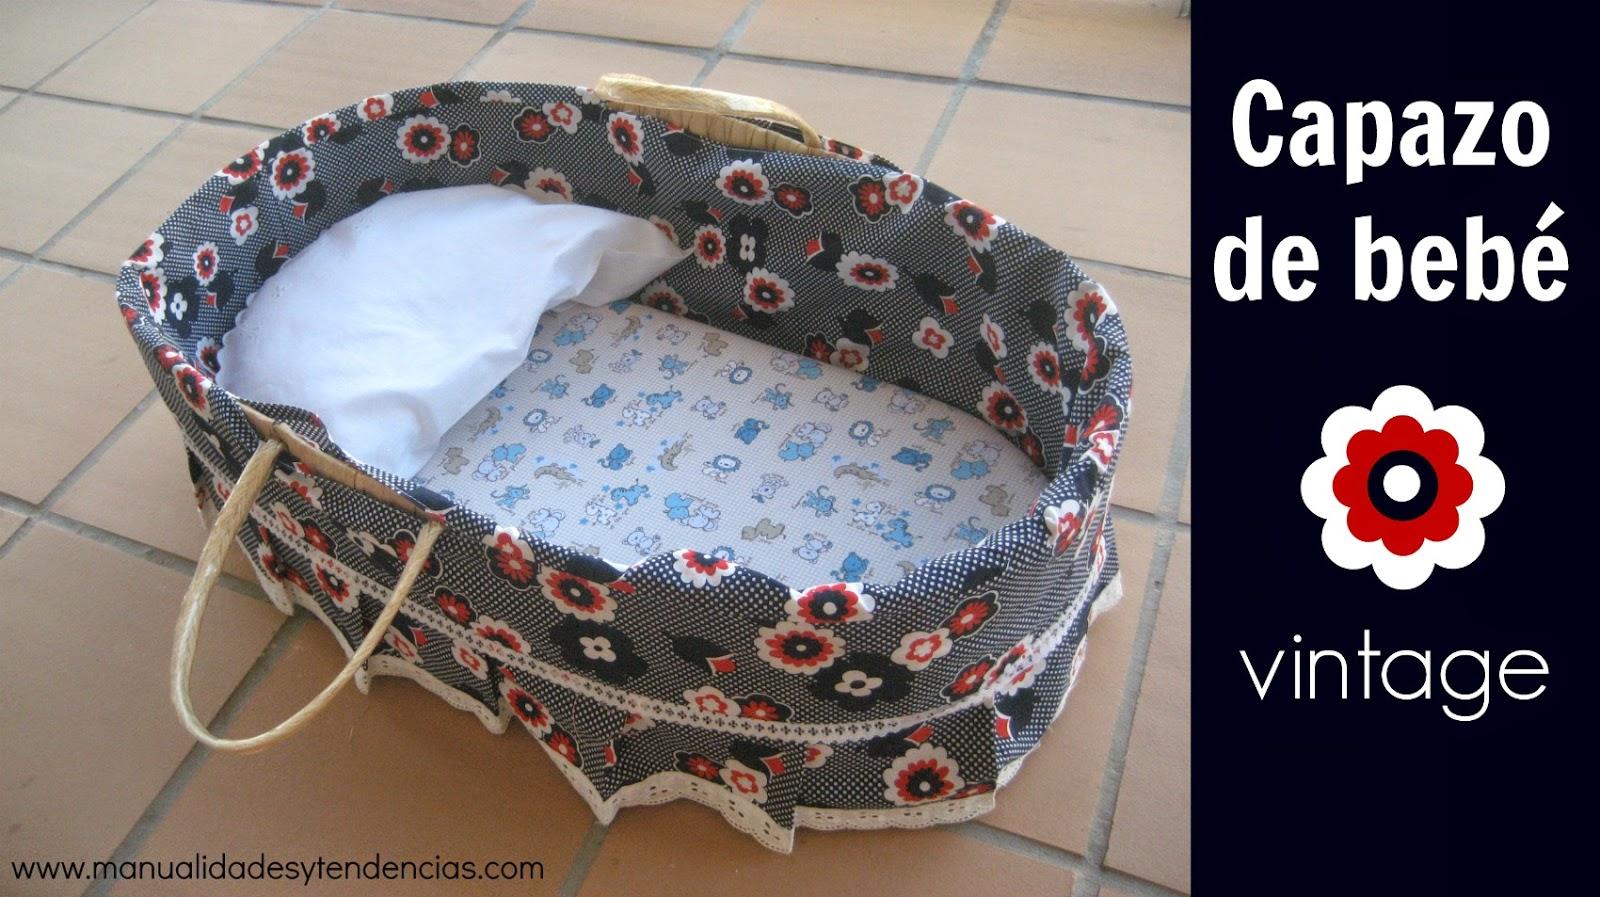 Capazo de bebé vintage